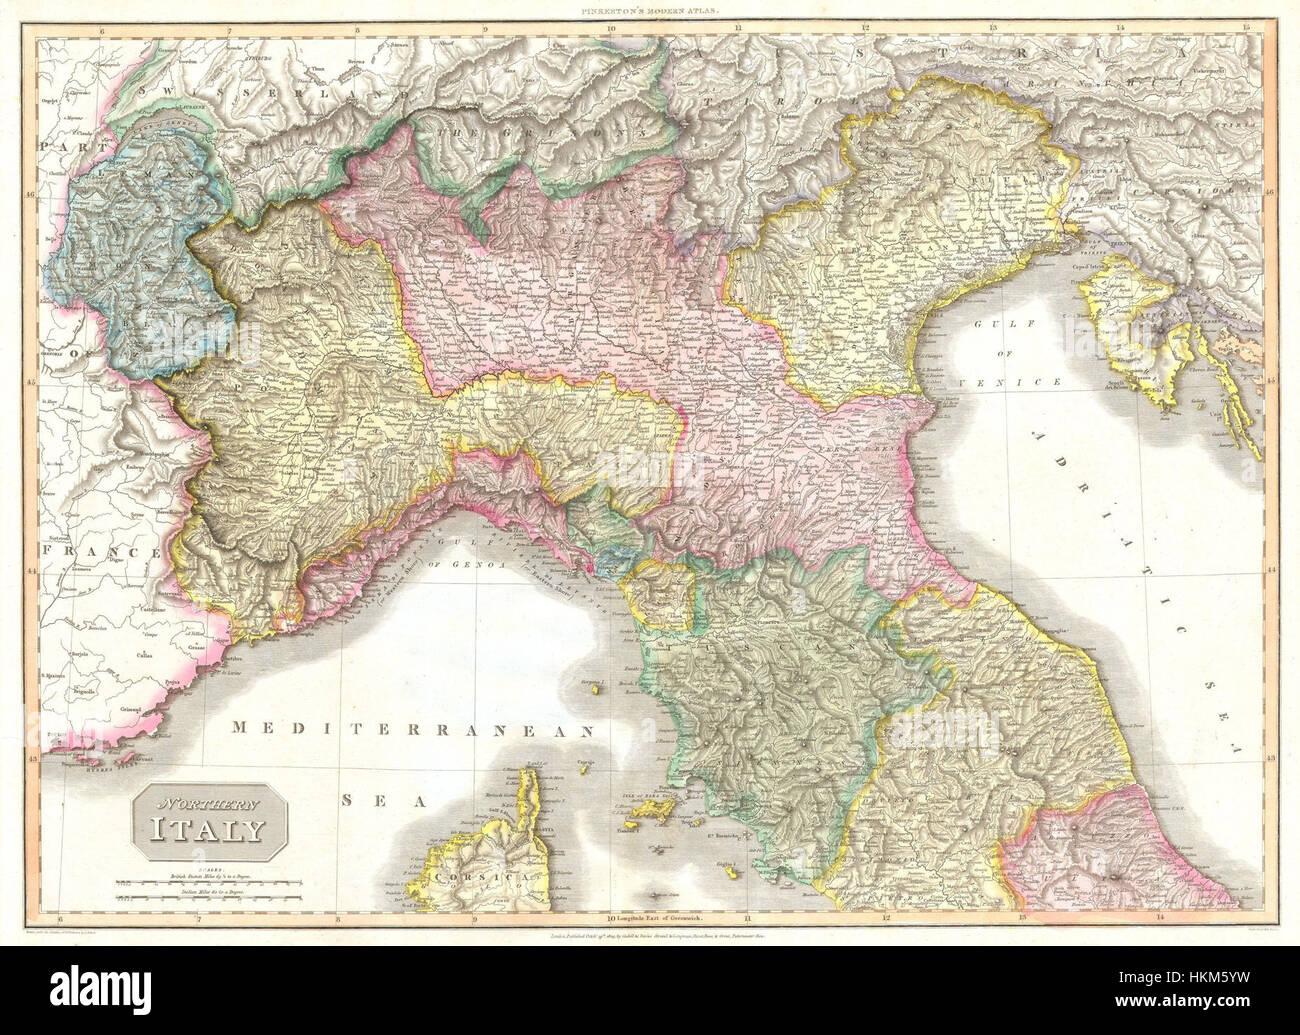 Toskana Karte Italien.1809 Pinkerton Karte Von Nord Italien Toskana Florenz Venedig